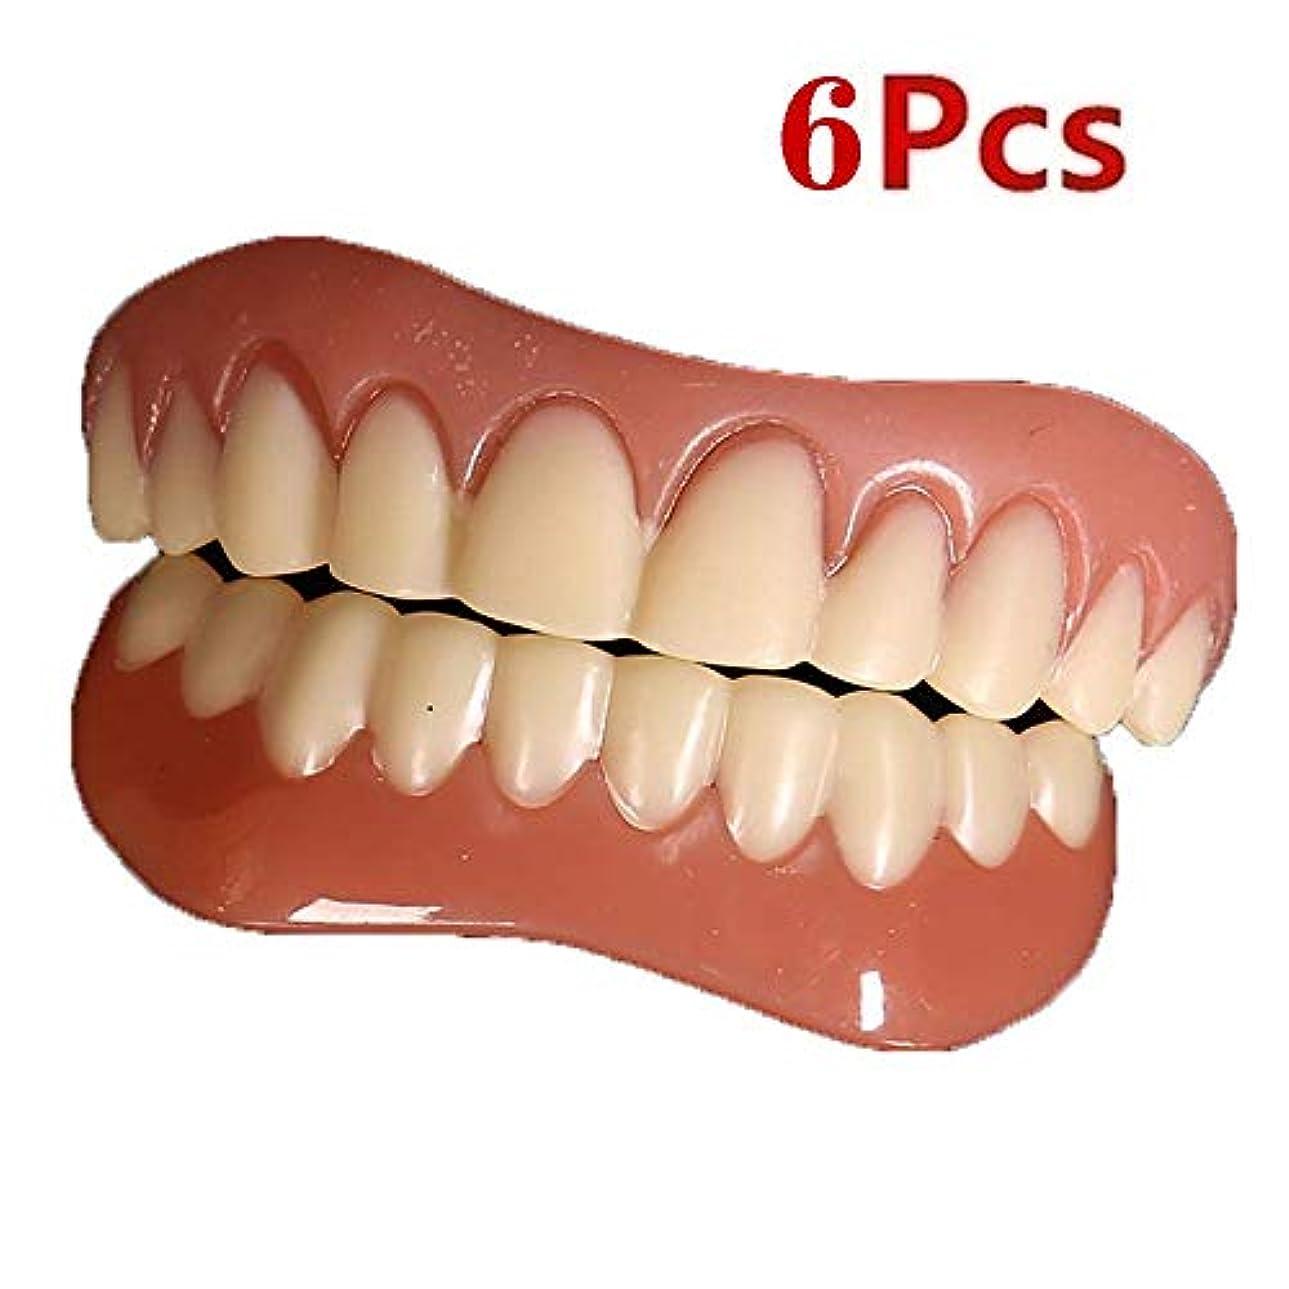 ここにもっともらしいギャザー6個のインスタントスマイルの歯アッパーロアーベニアの快適さフィットの歯のベニヤ、ワンサイズは数分以内に自宅であなたの笑顔を直す